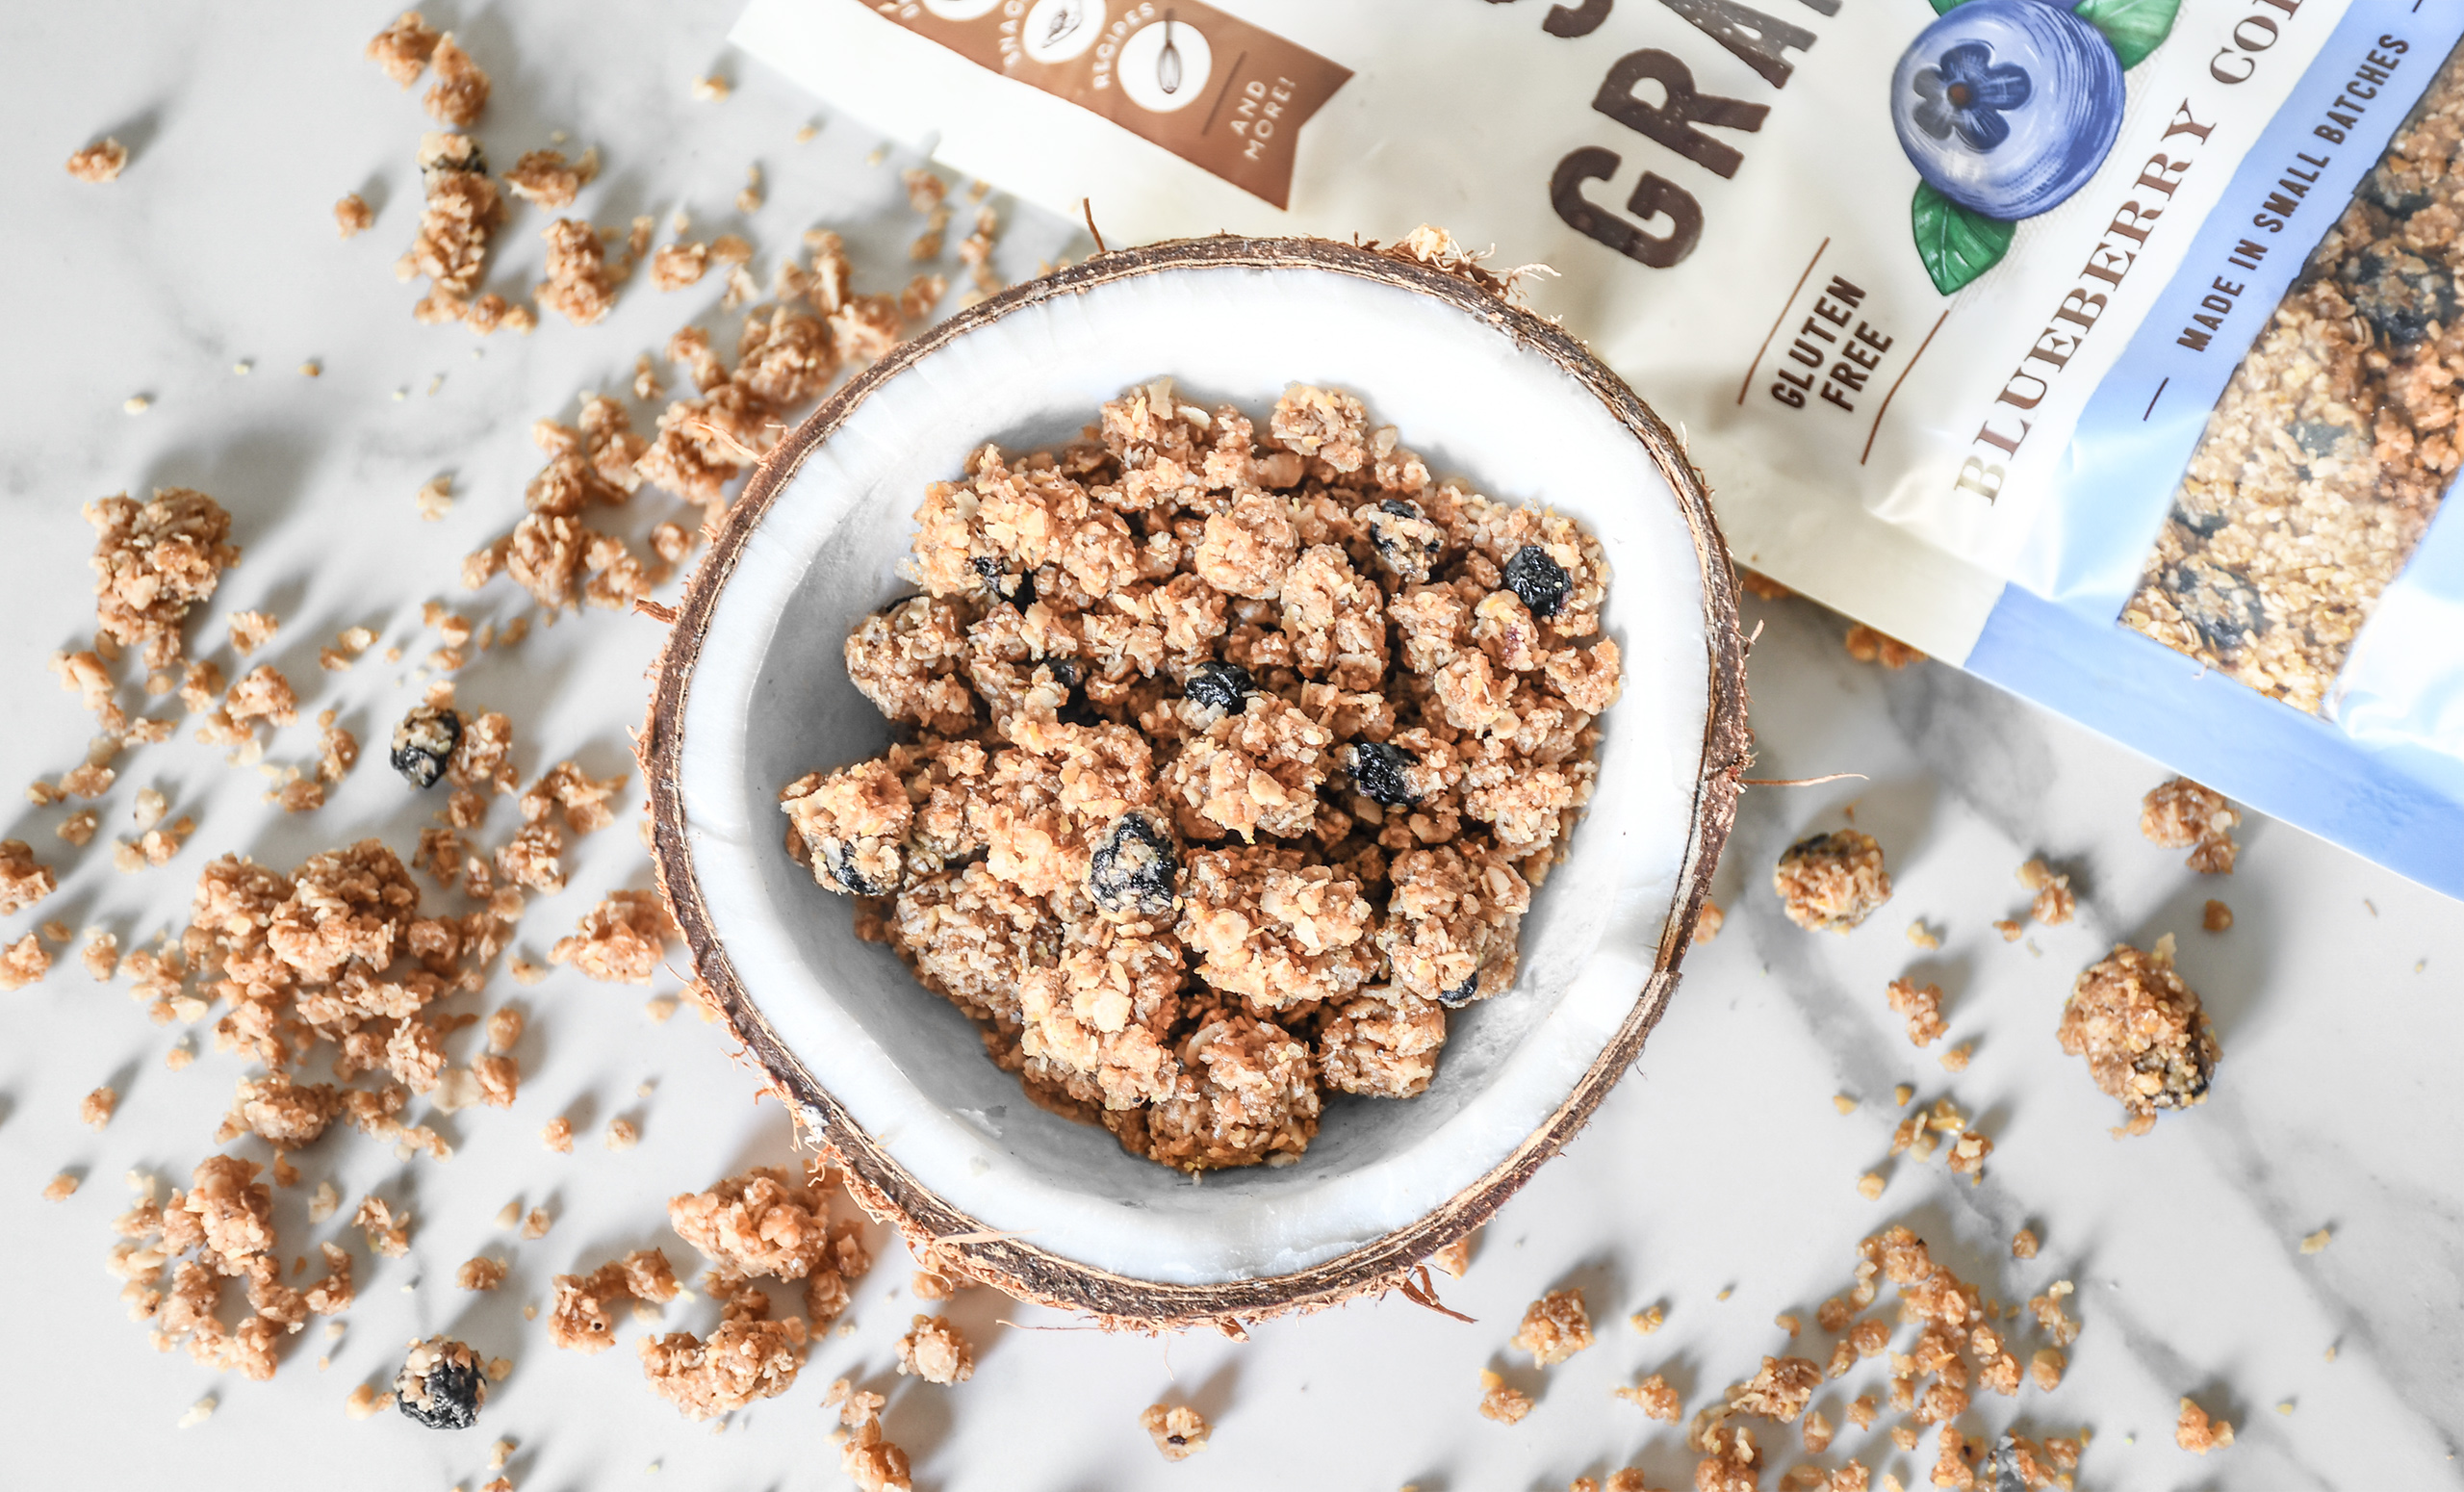 granola in coconut shell